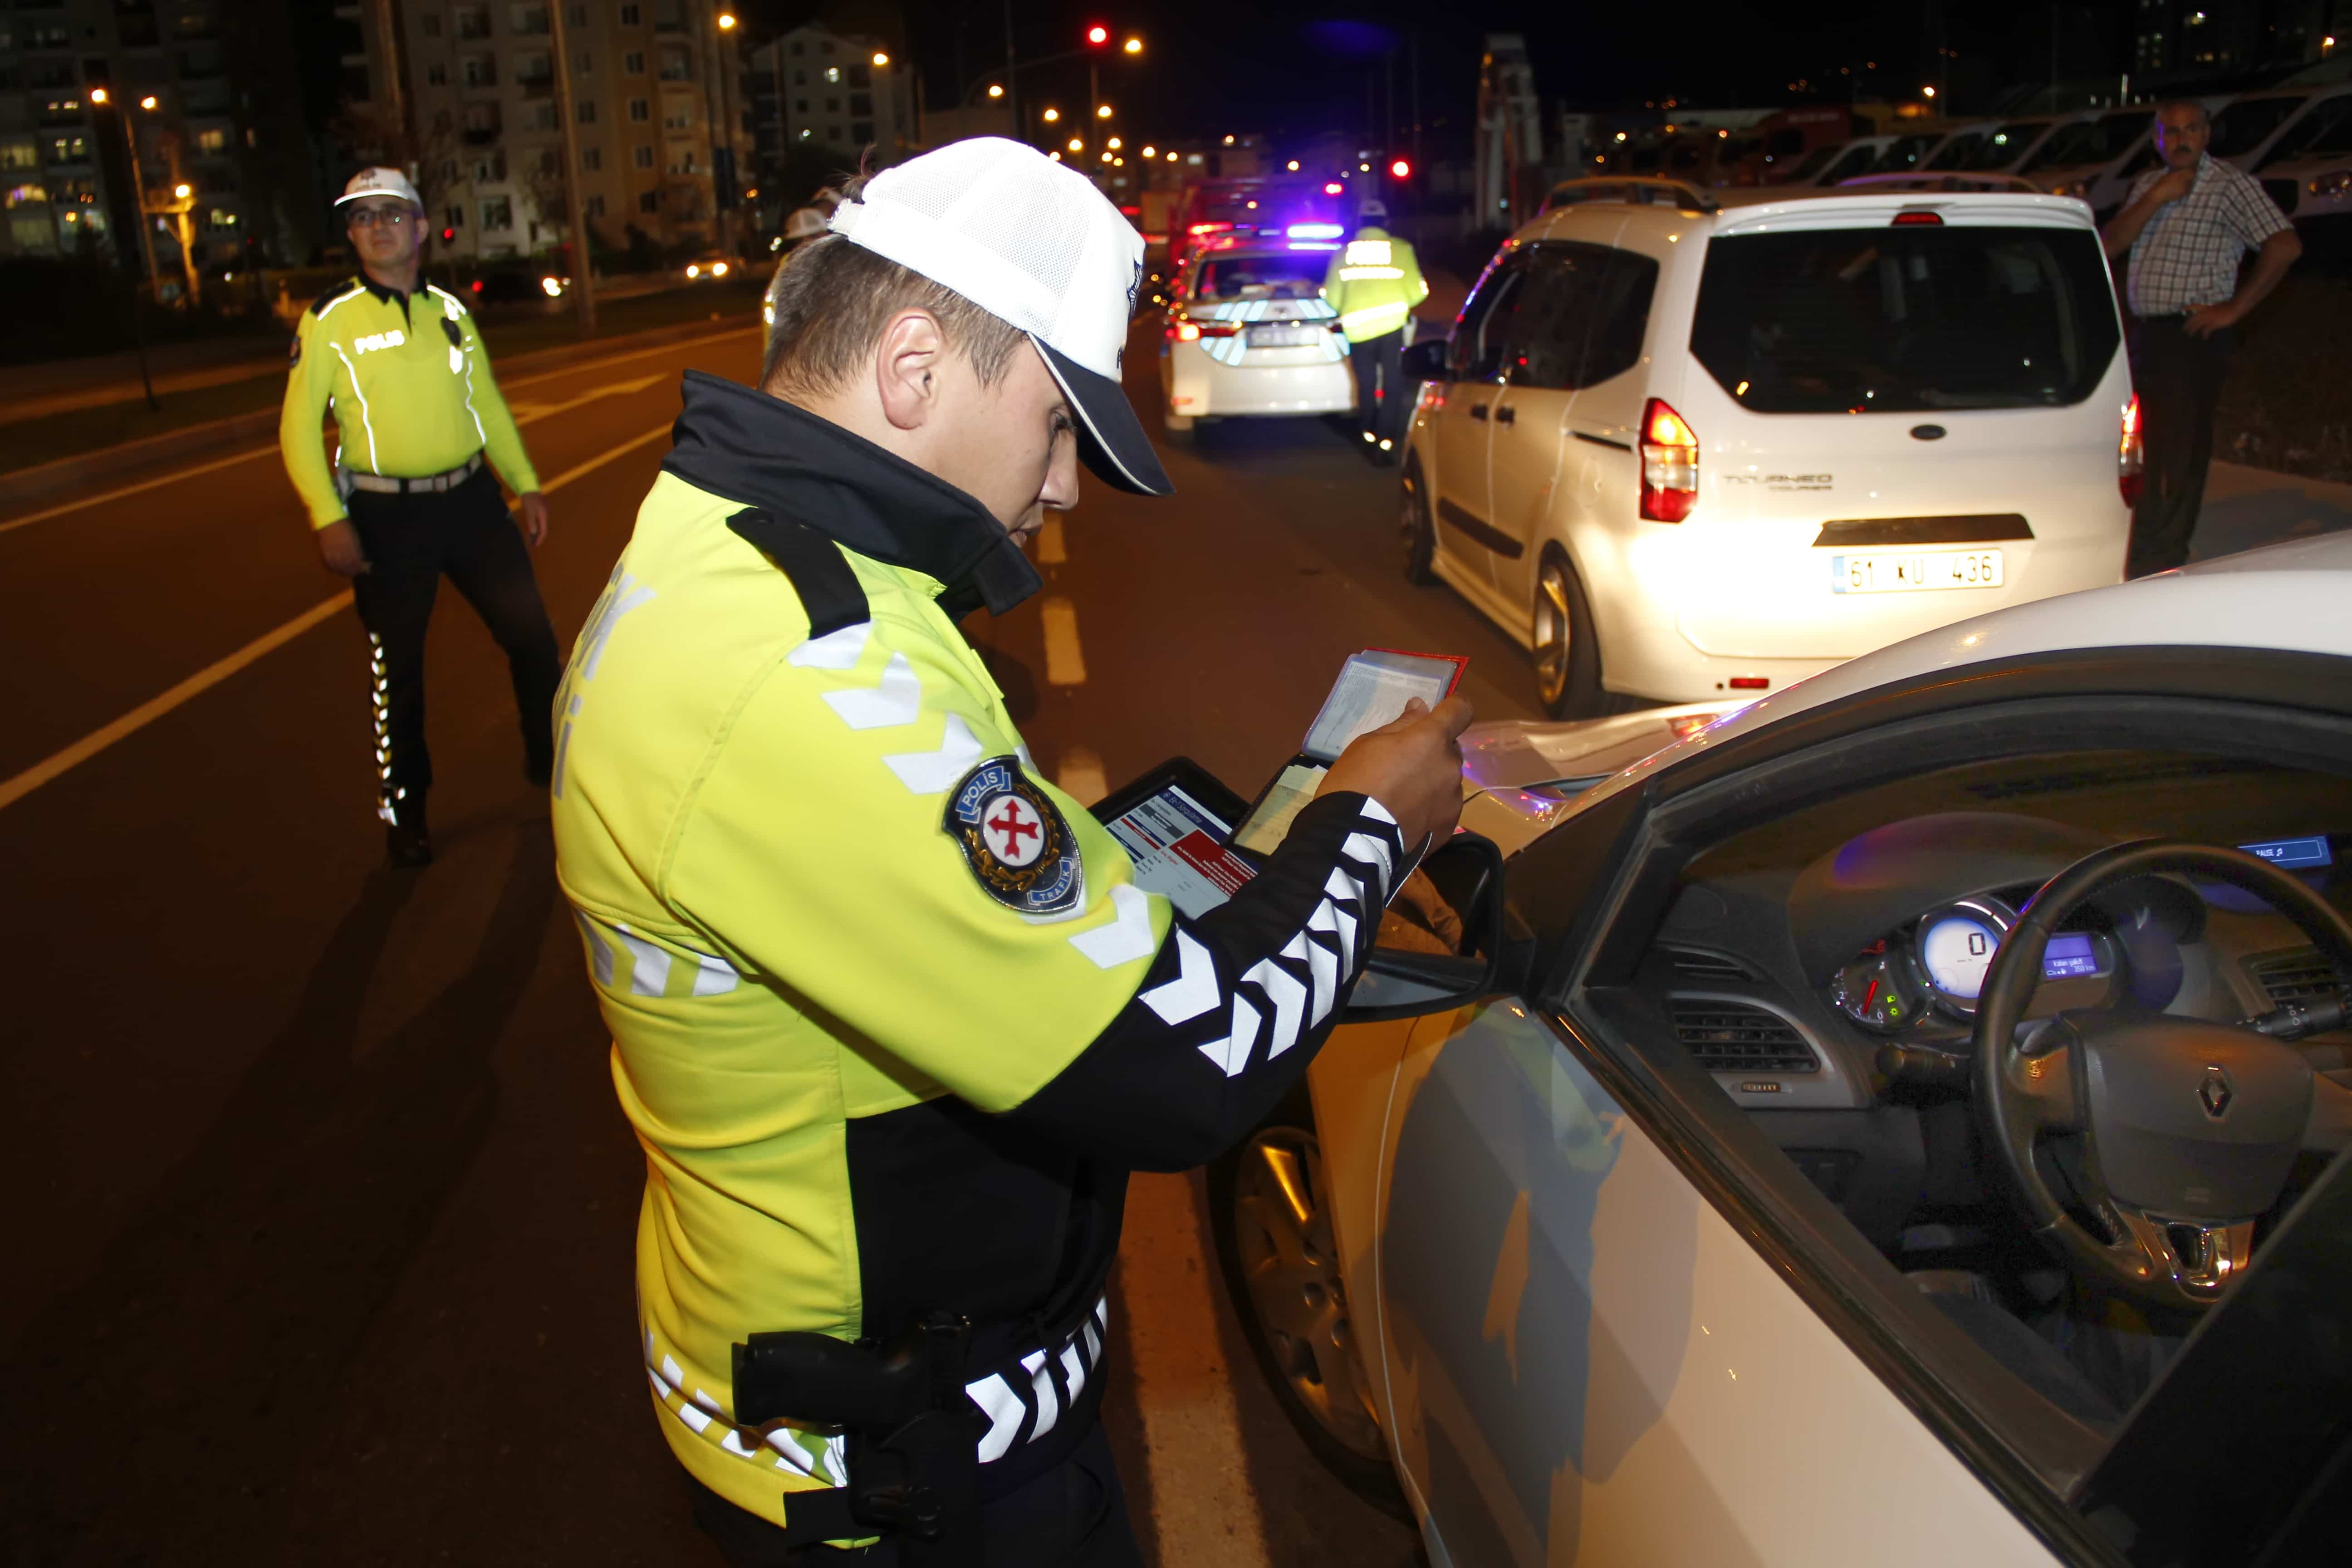 Bir Haftada 37 Araç Trafikten Men Edildi, 30 Sürücü Belgesine El Konuldu